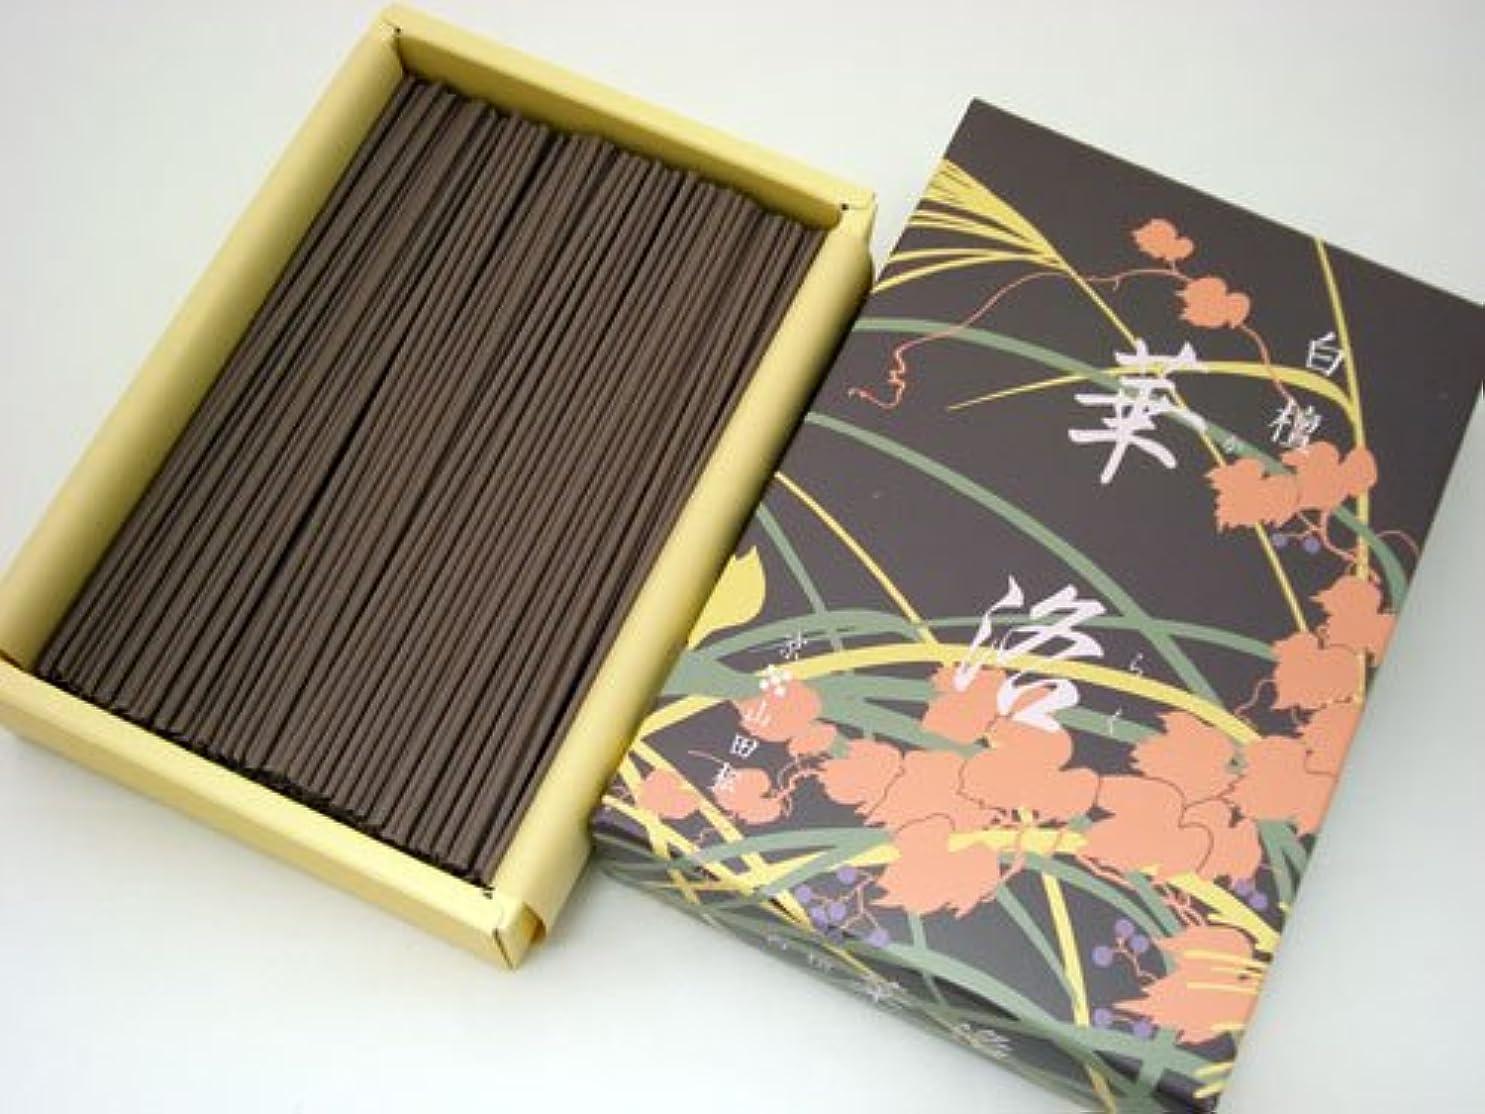 故障アラブサラボ倉庫山田松の線香 【白檀 華洛(からく)】 バラ詰 大箱